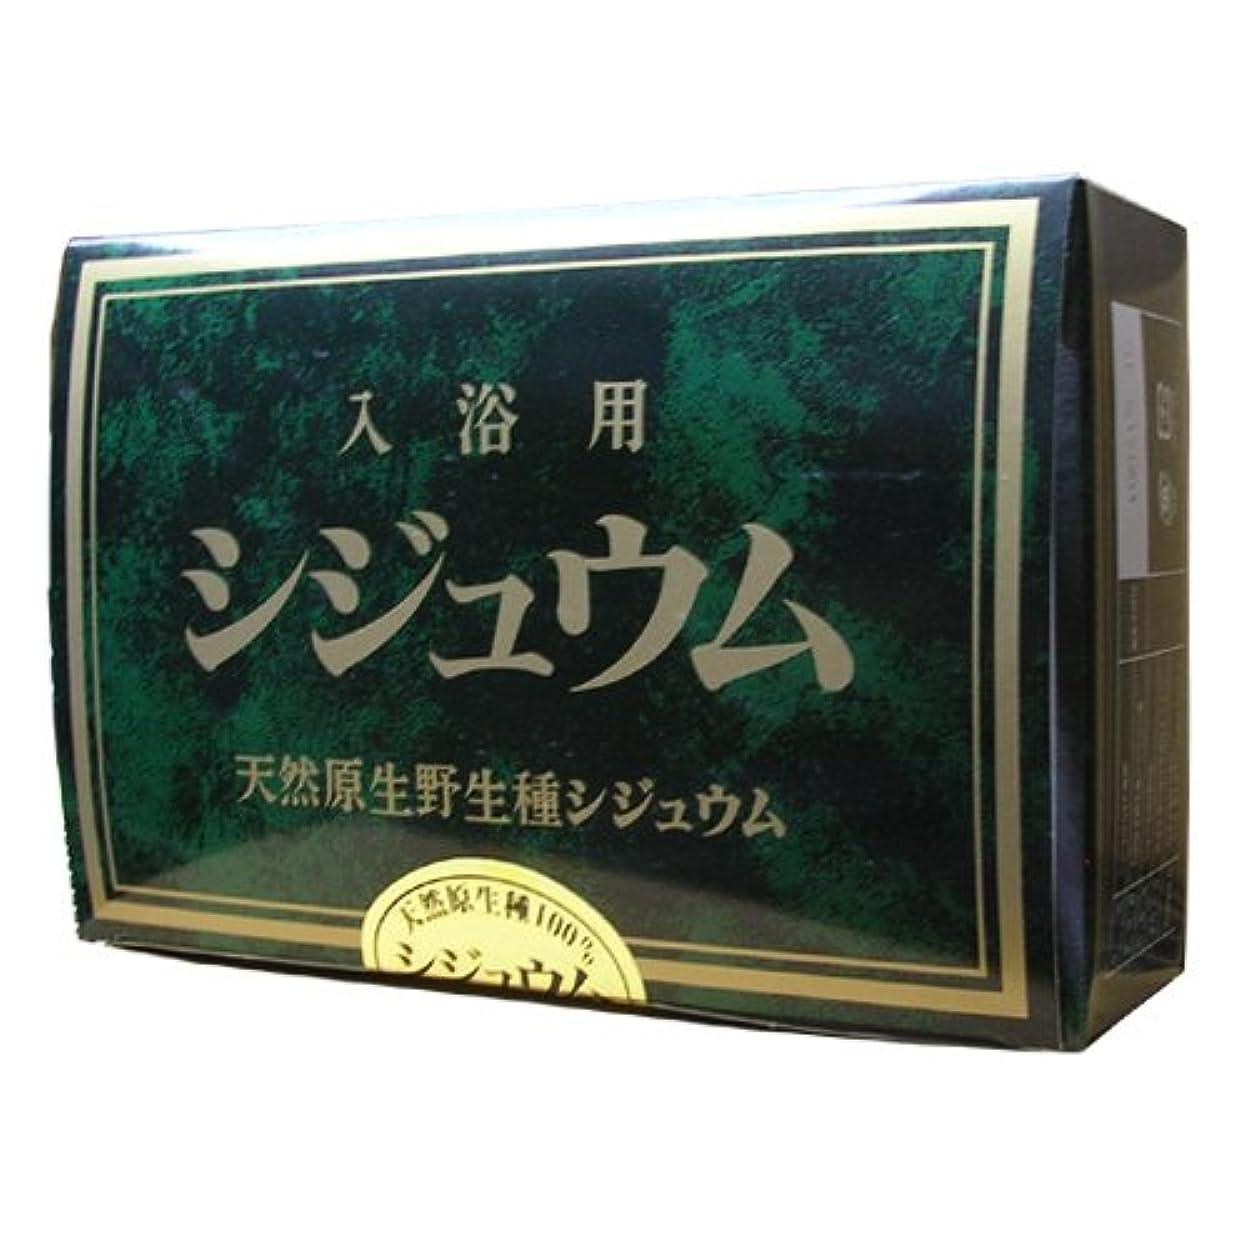 プレートワイン回転入浴用シジュウム  30包×2箱セット